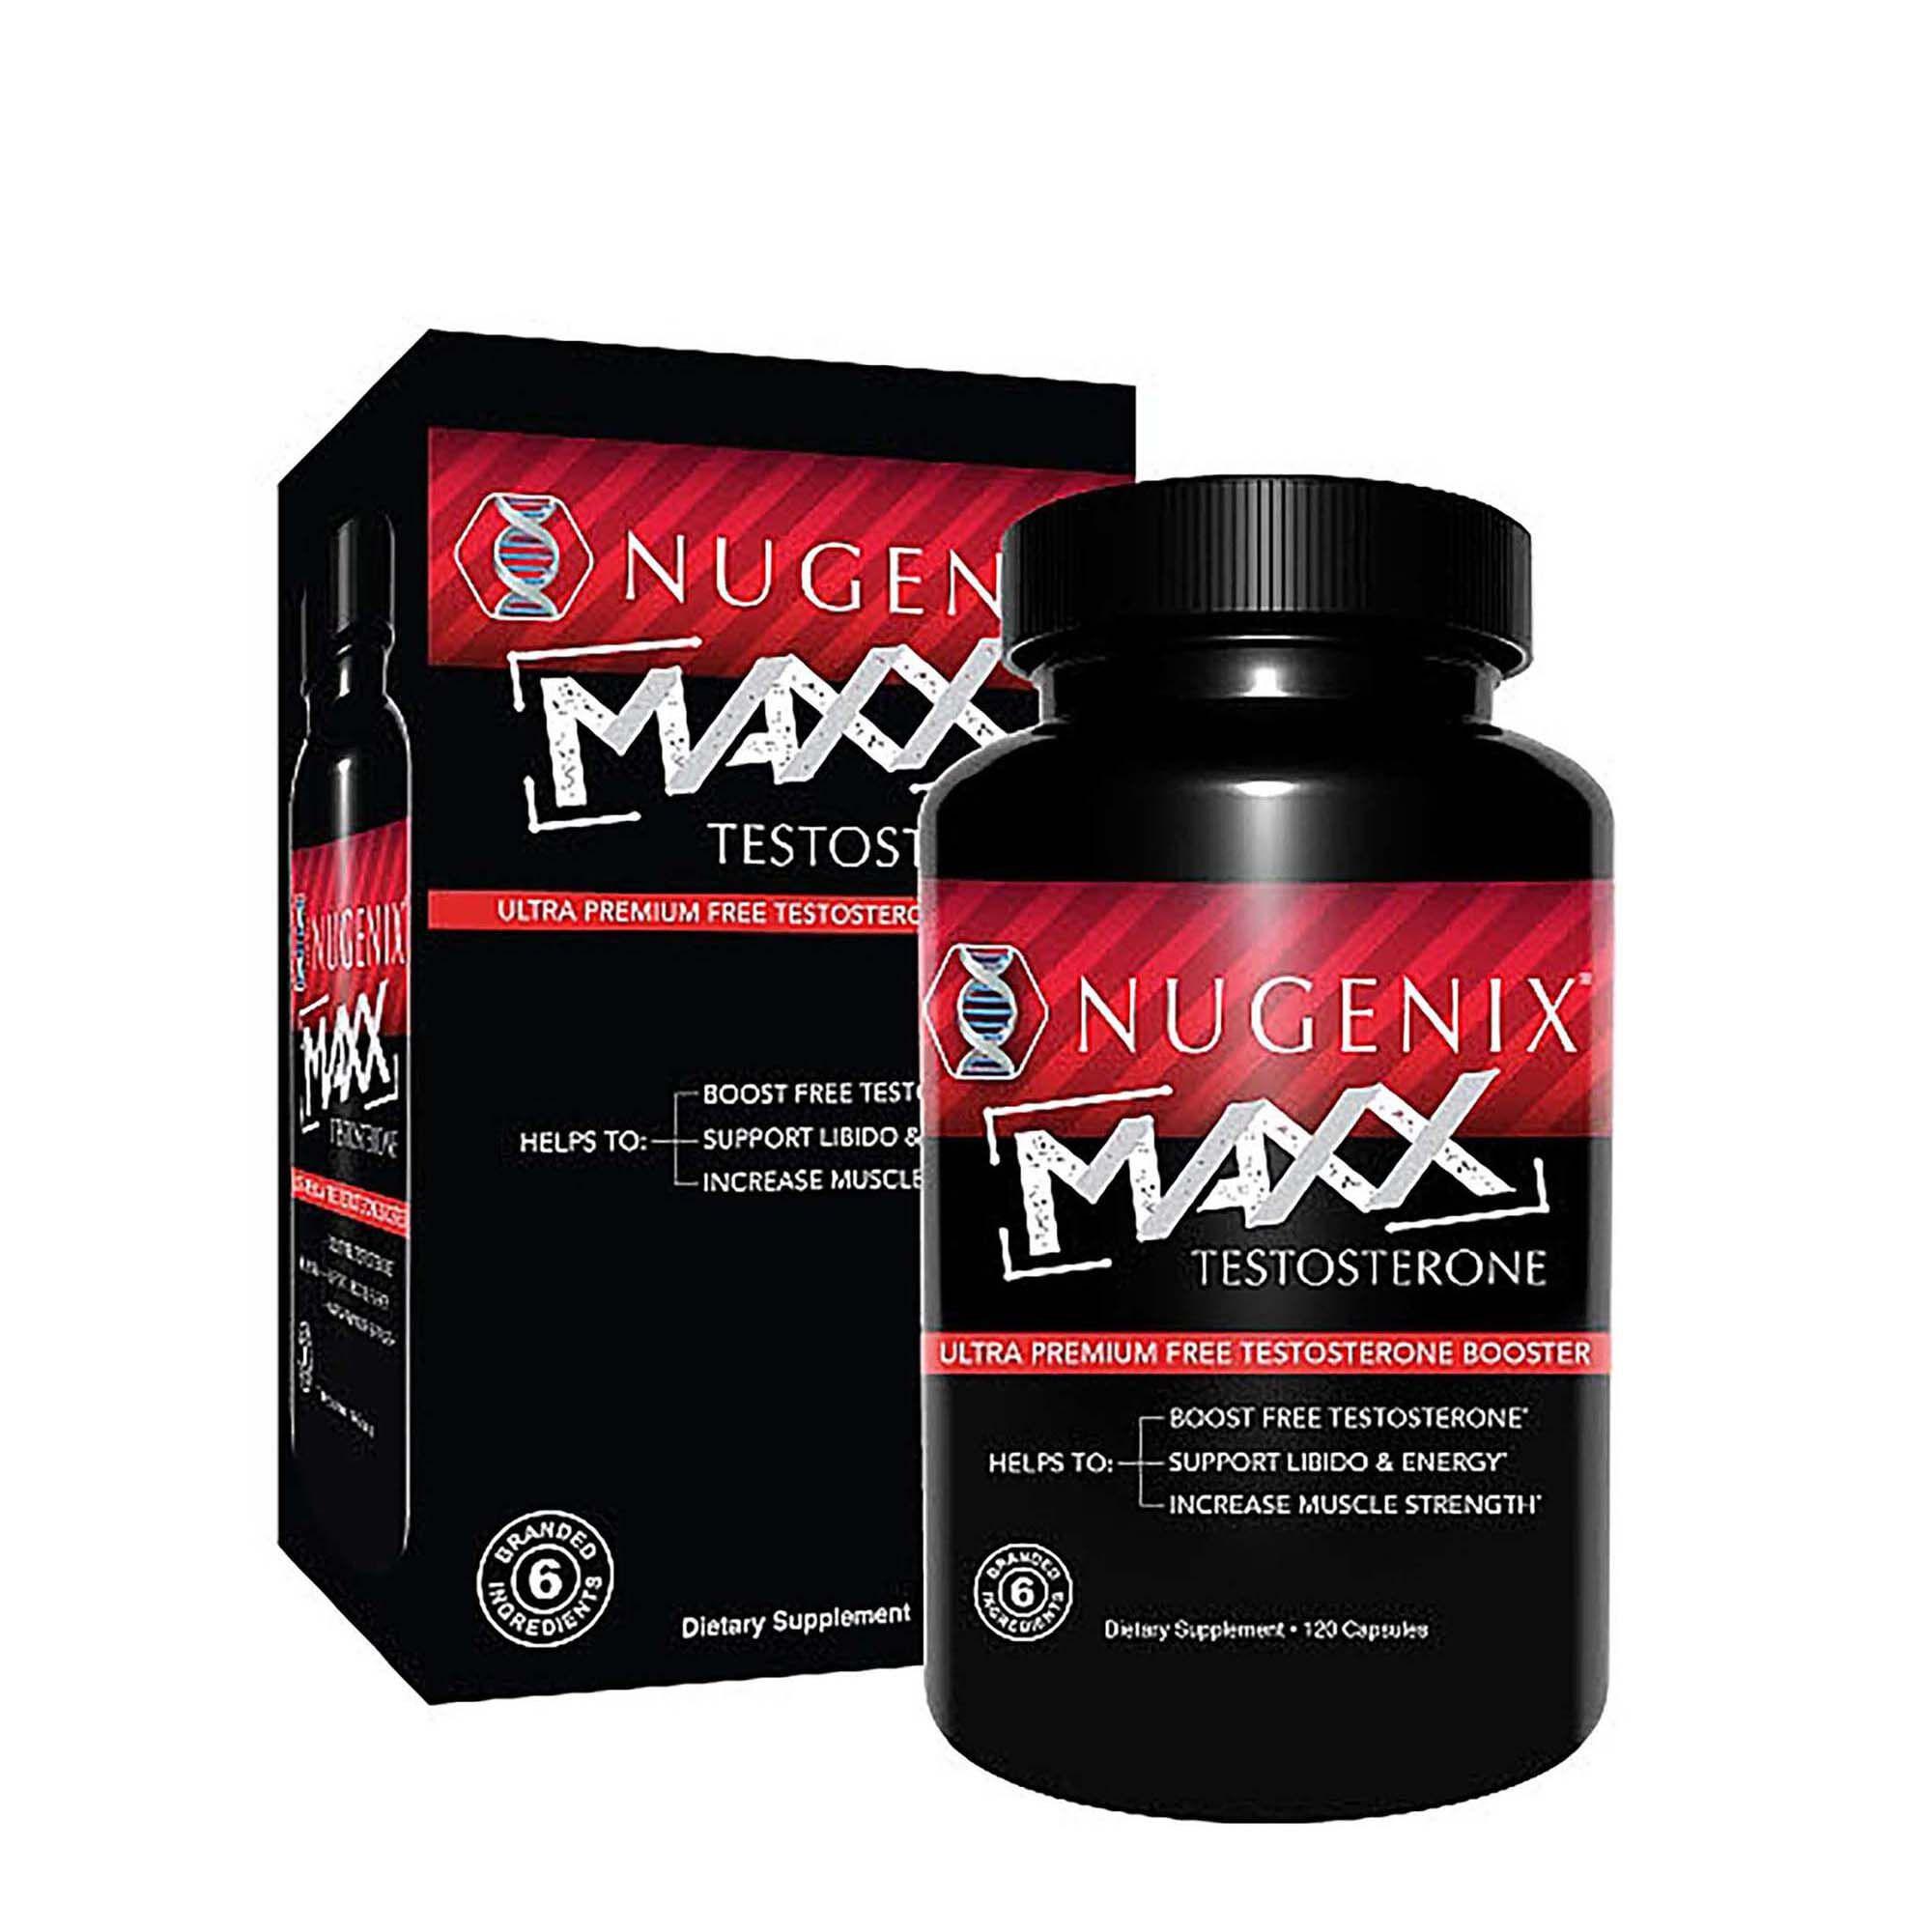 Nugenix® Maxx